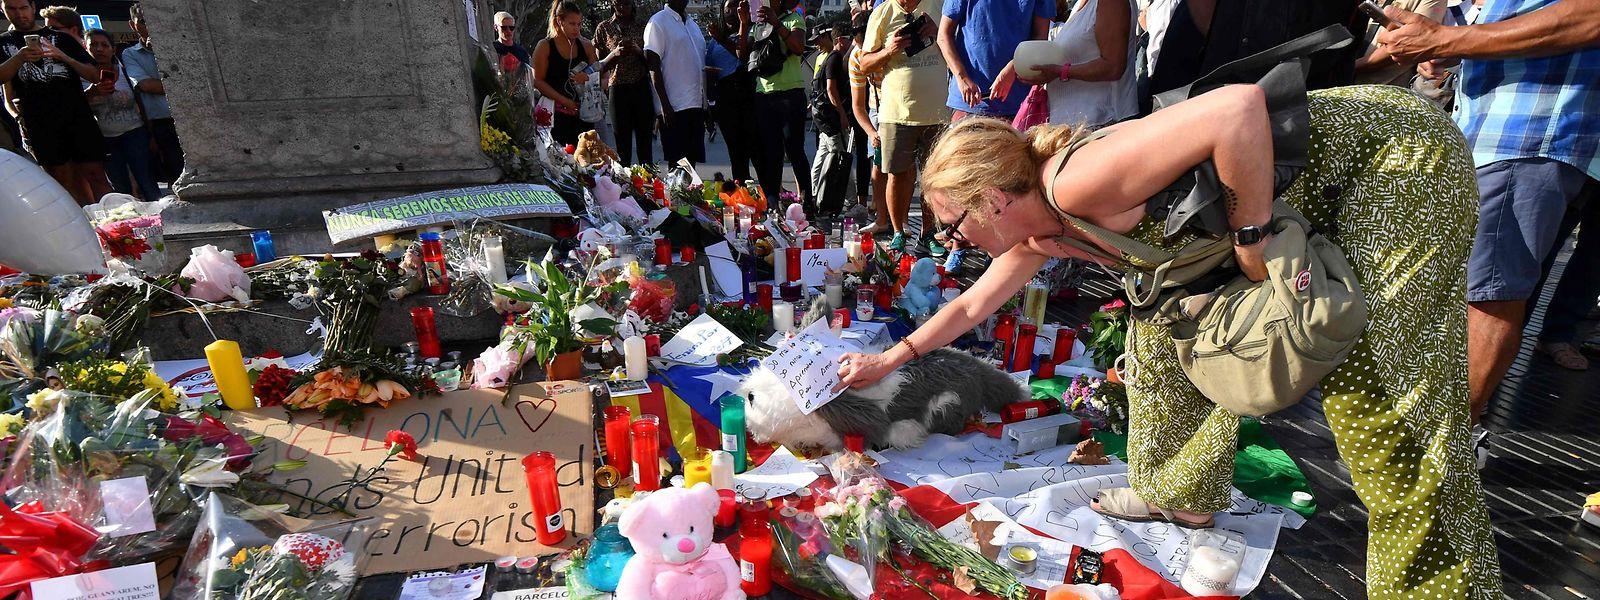 Bei dem Anschlag im Herzen Barcelona kamen 13 Menschen ums Leben, mehr als 100 wurden verletzt.